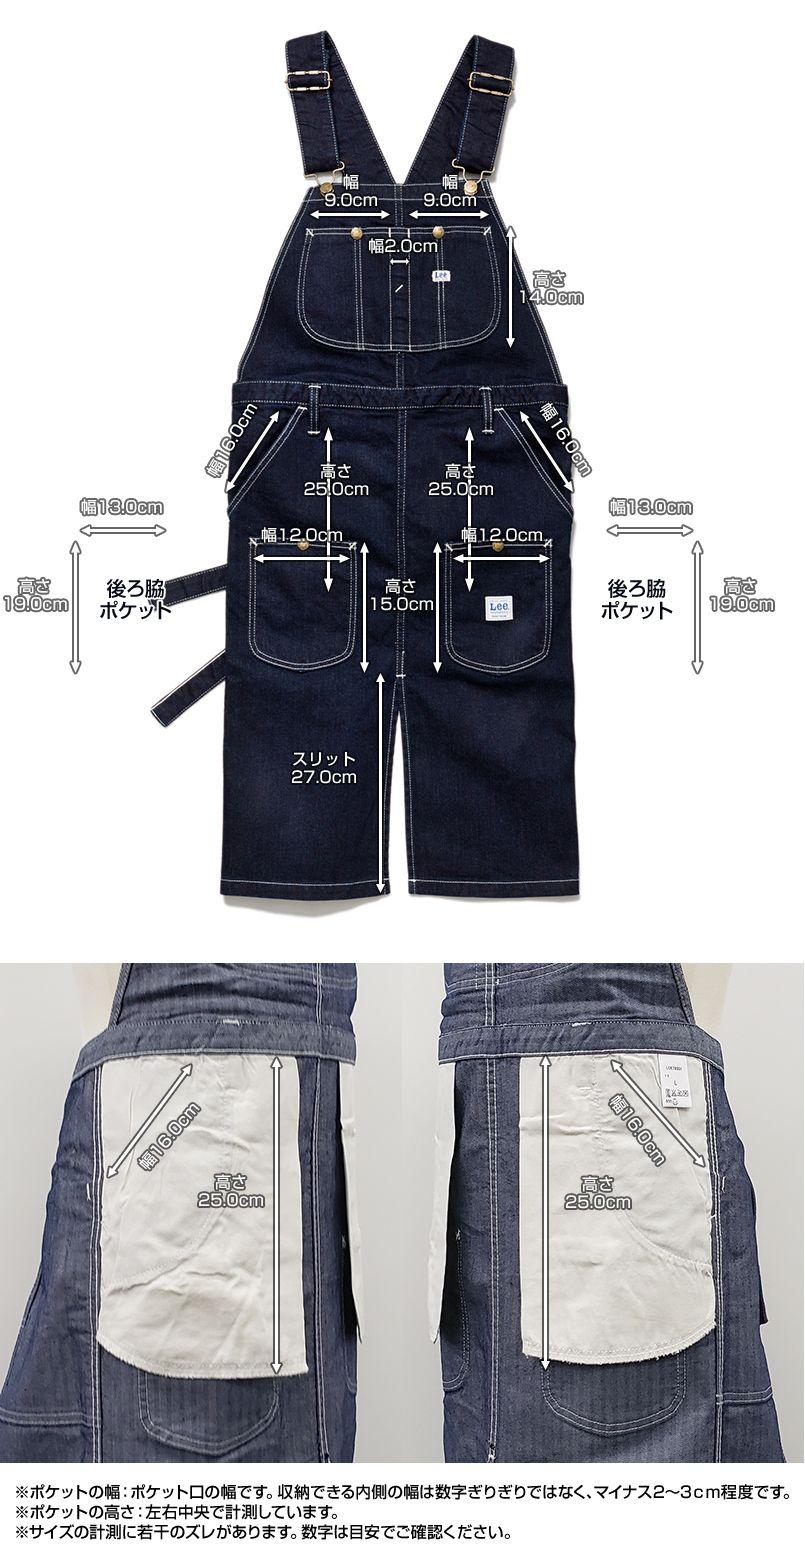 36-LCK79001 ポケットサイズ